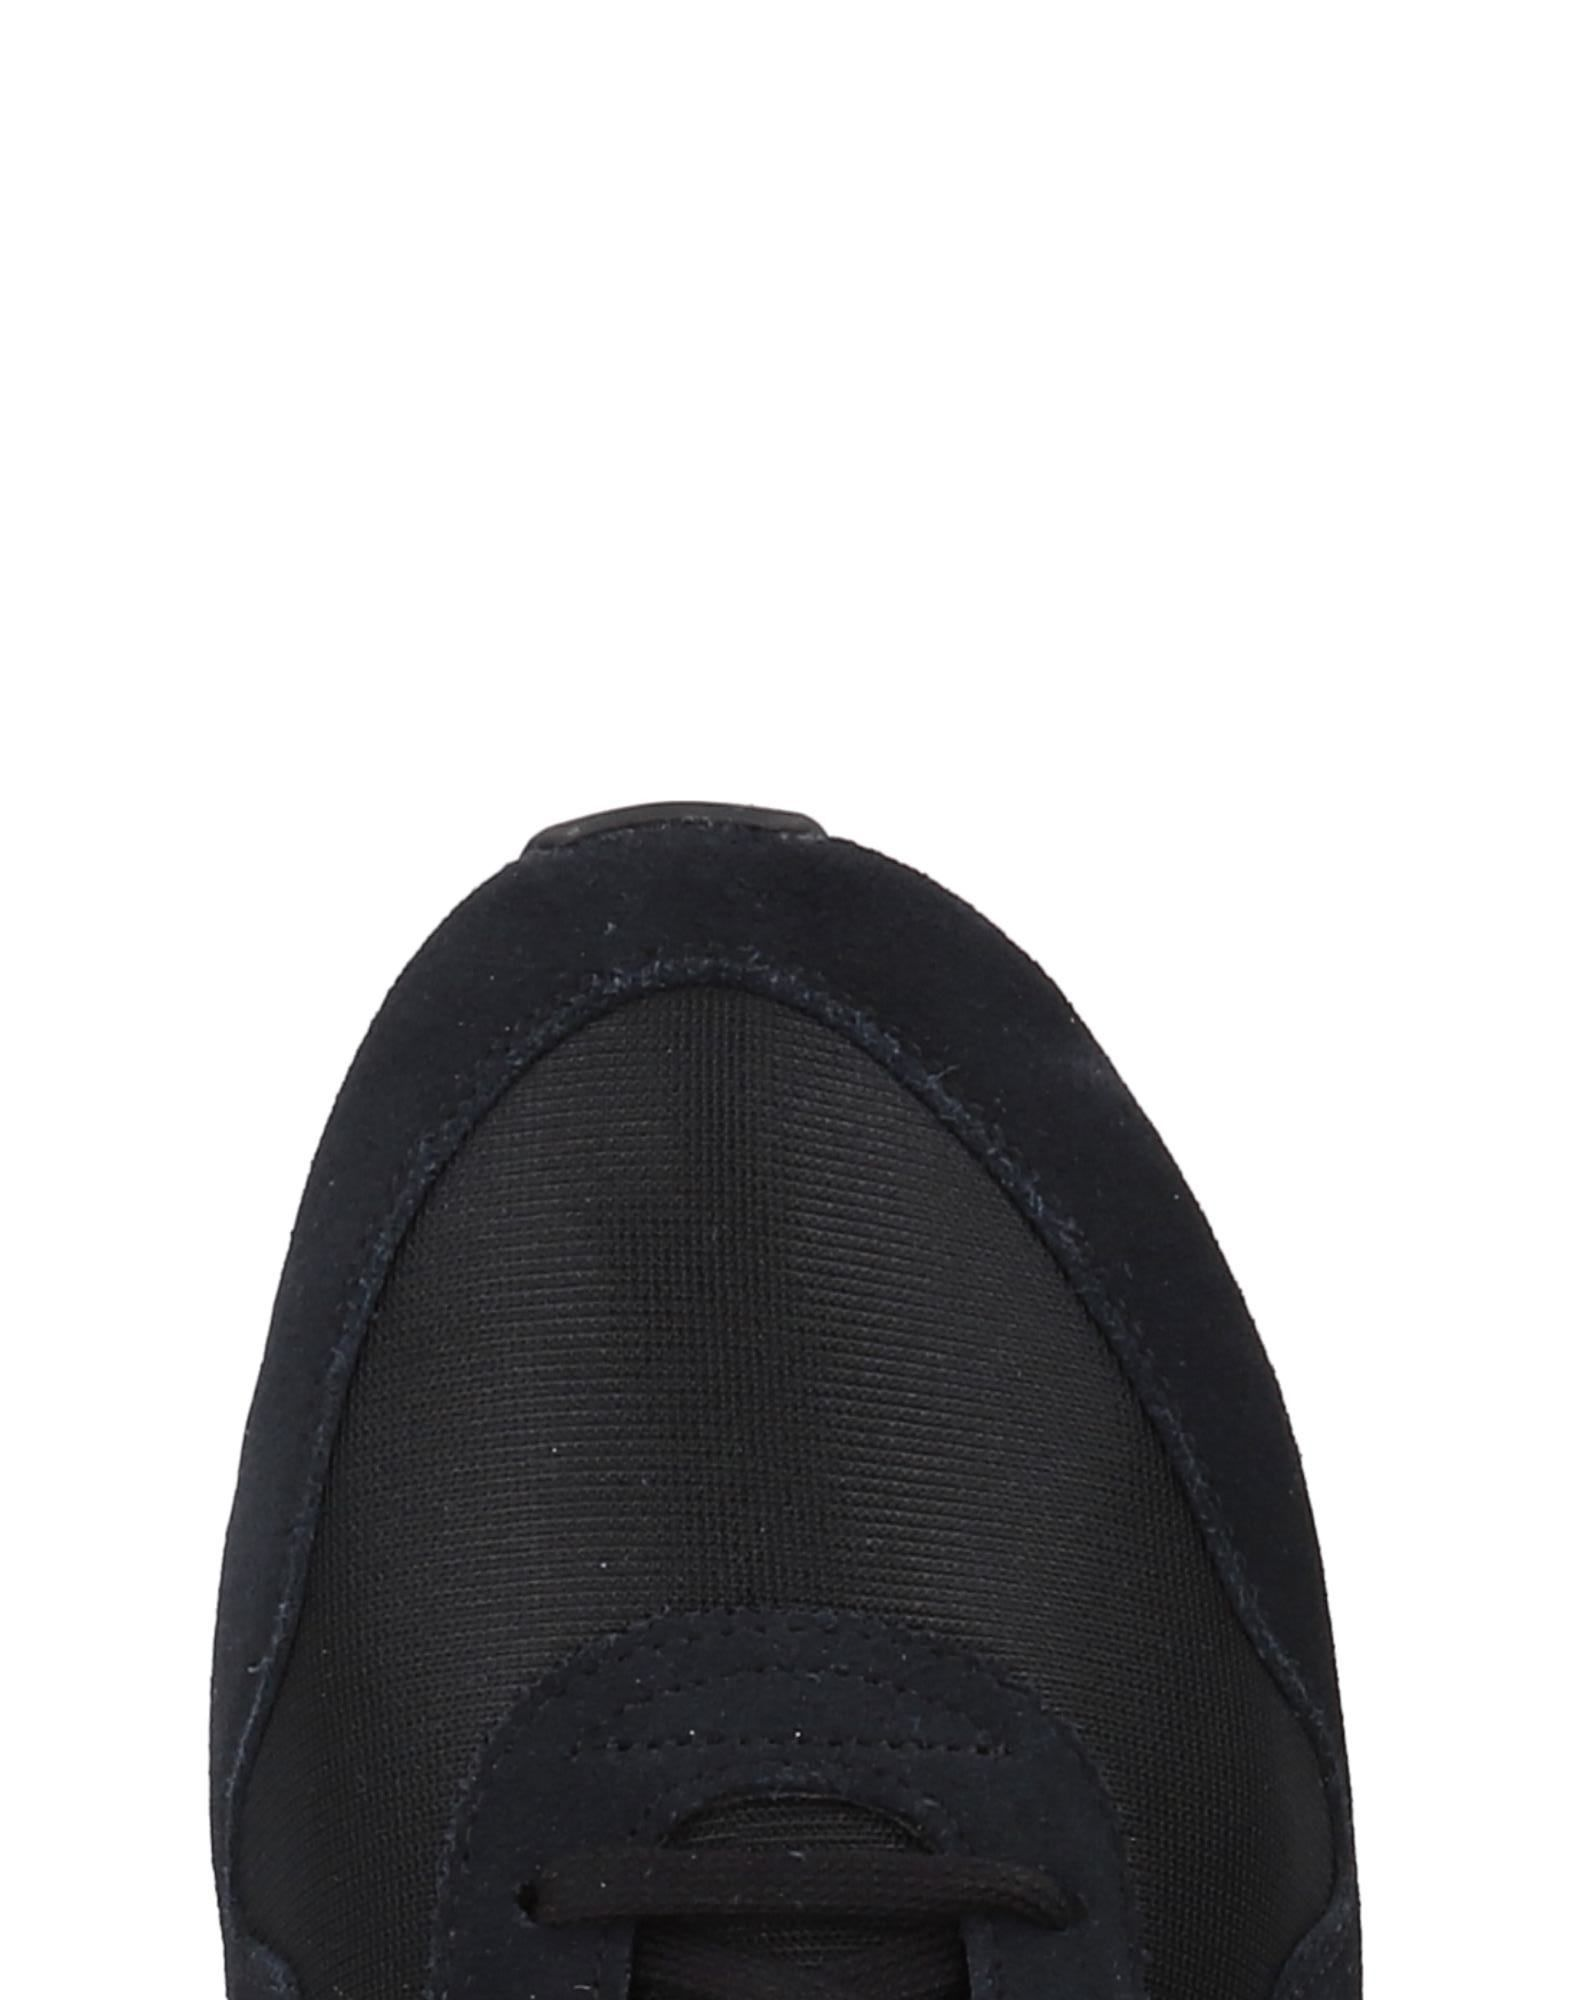 Rabatt  echte Schuhe Adidas Originals Sneakers Herren  Rabatt 11469805UP a73ff2